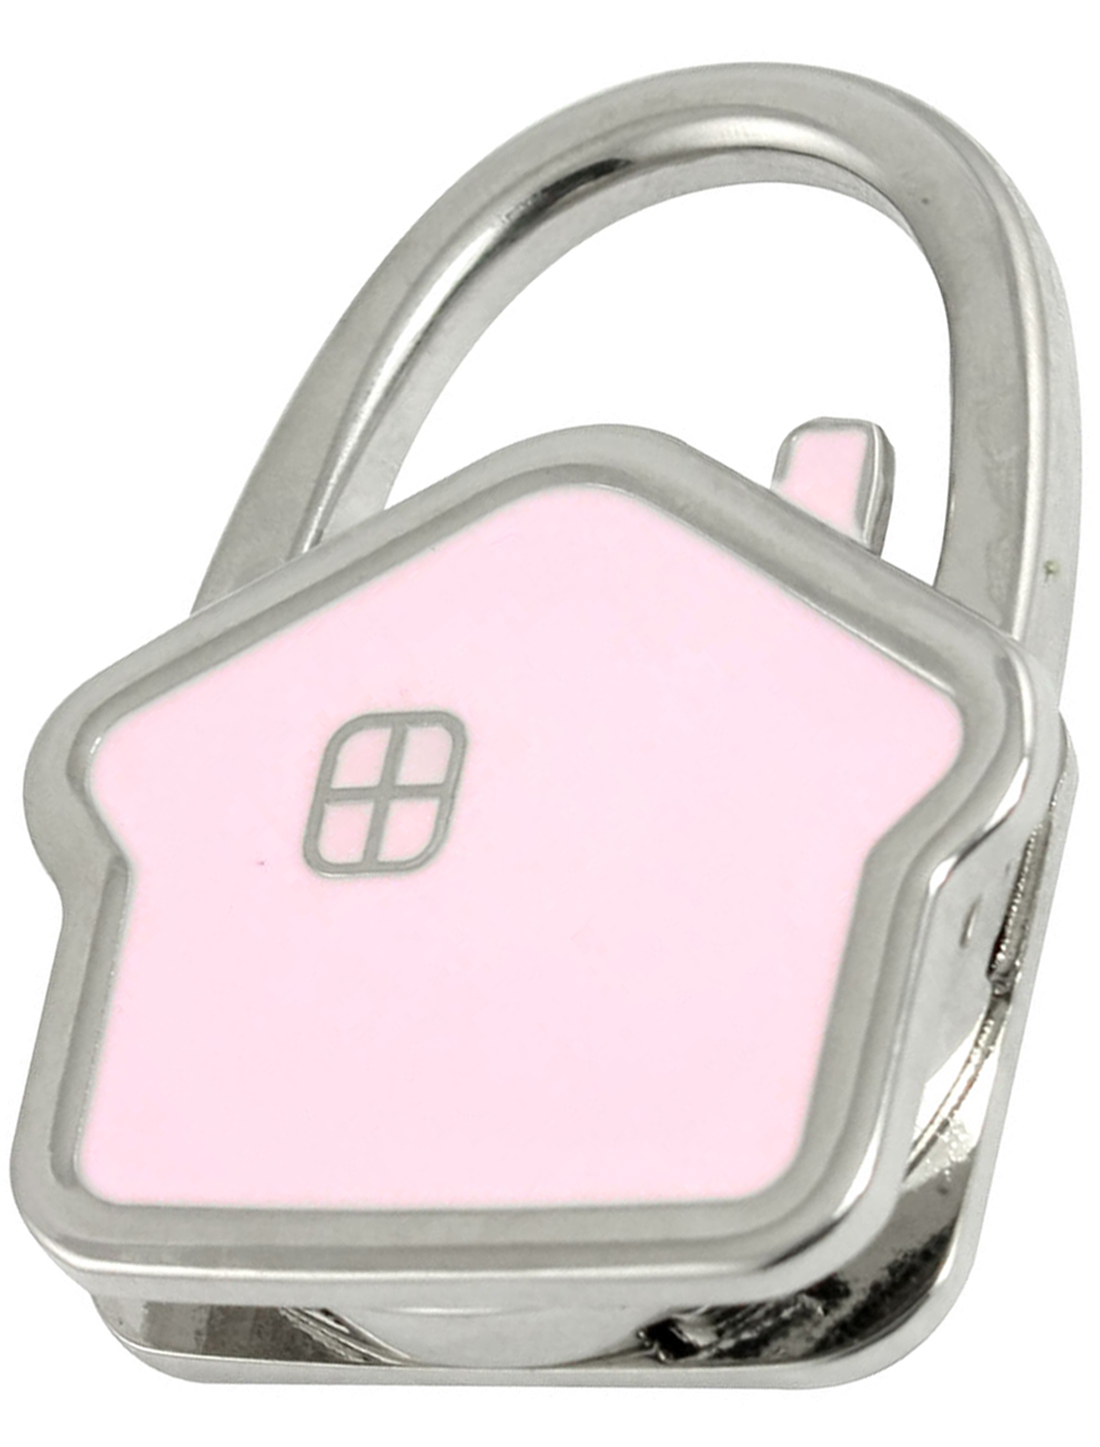 Pink Metal House Shaped Rubber Base Folding Design Handbag Hook